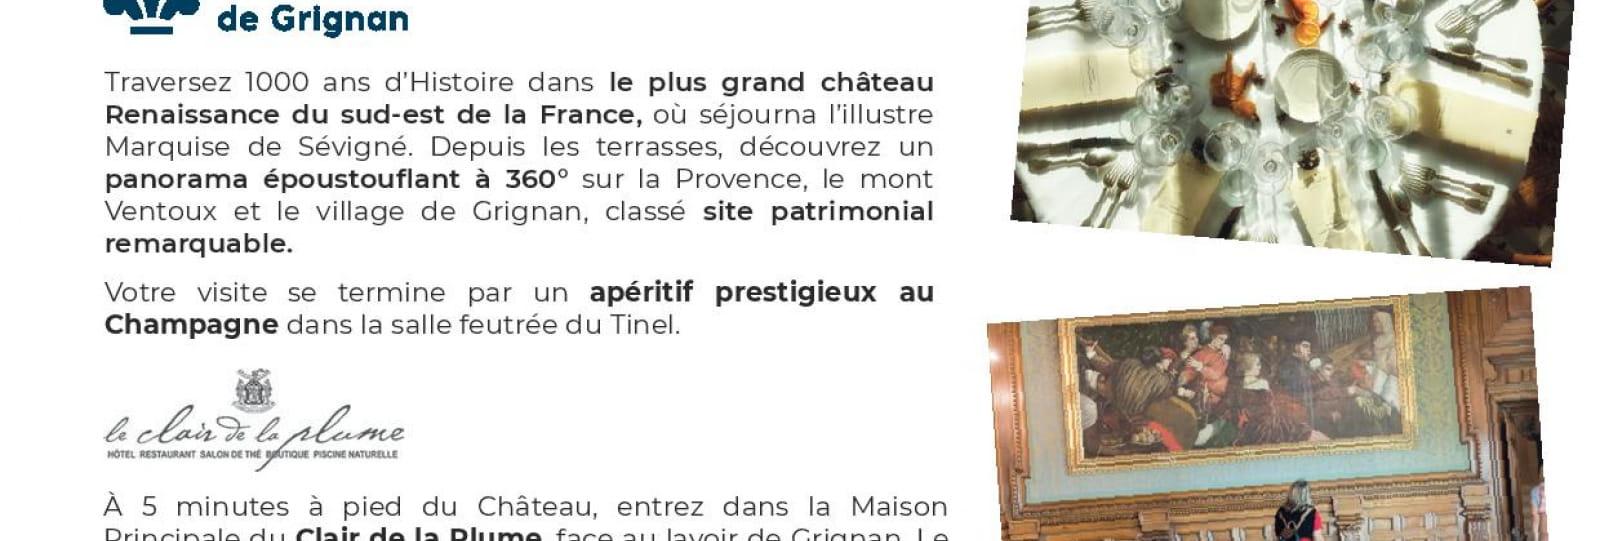 Recto - Journée Etoilée - Château de Grignan